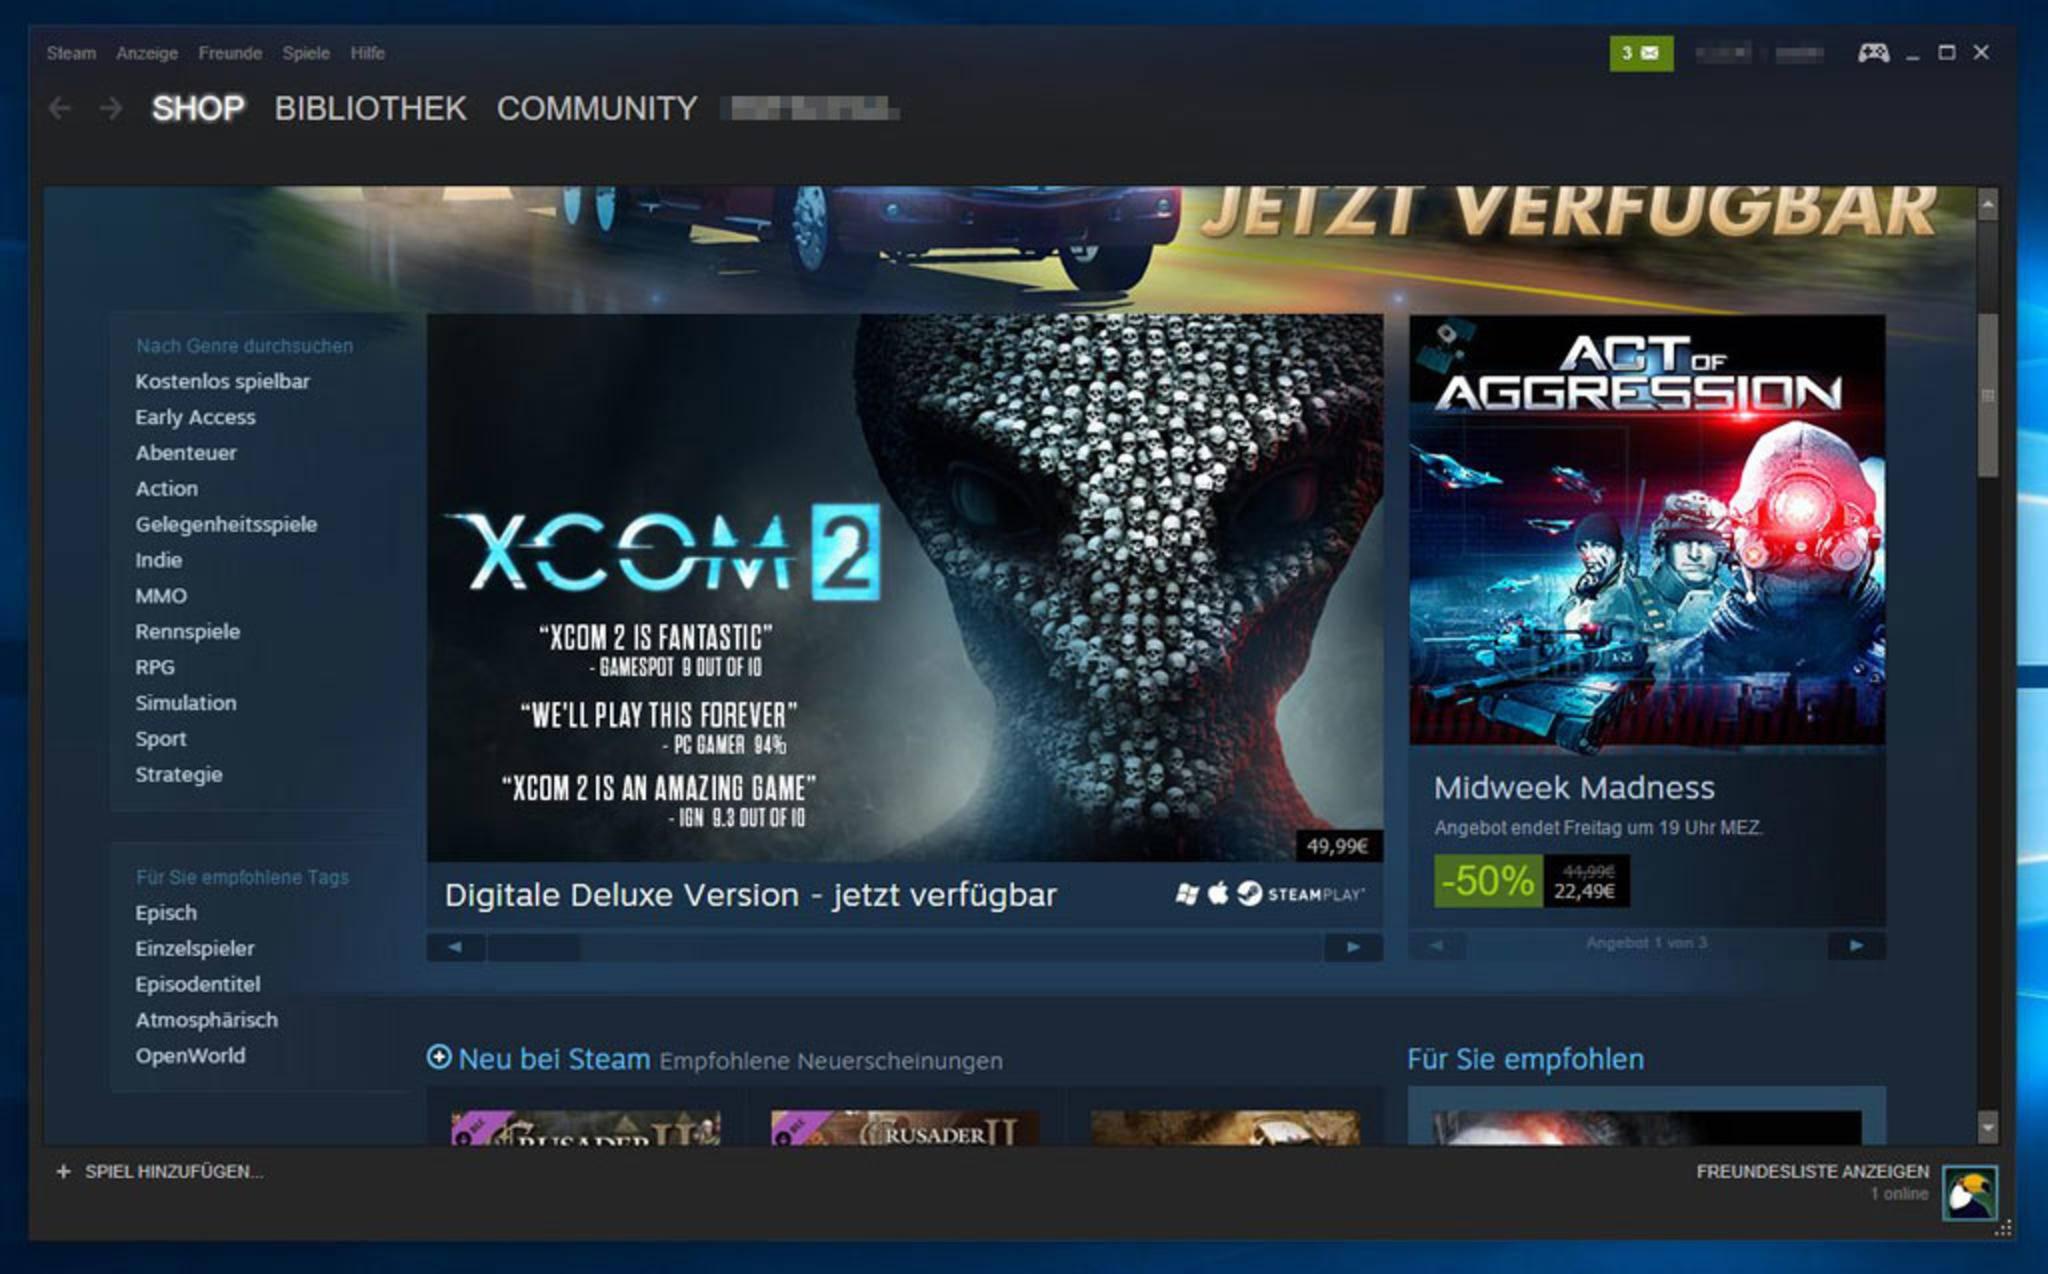 Steam ist die größte virtuelle Gaming-Plattform mit dem weitläufigsten Angebot.